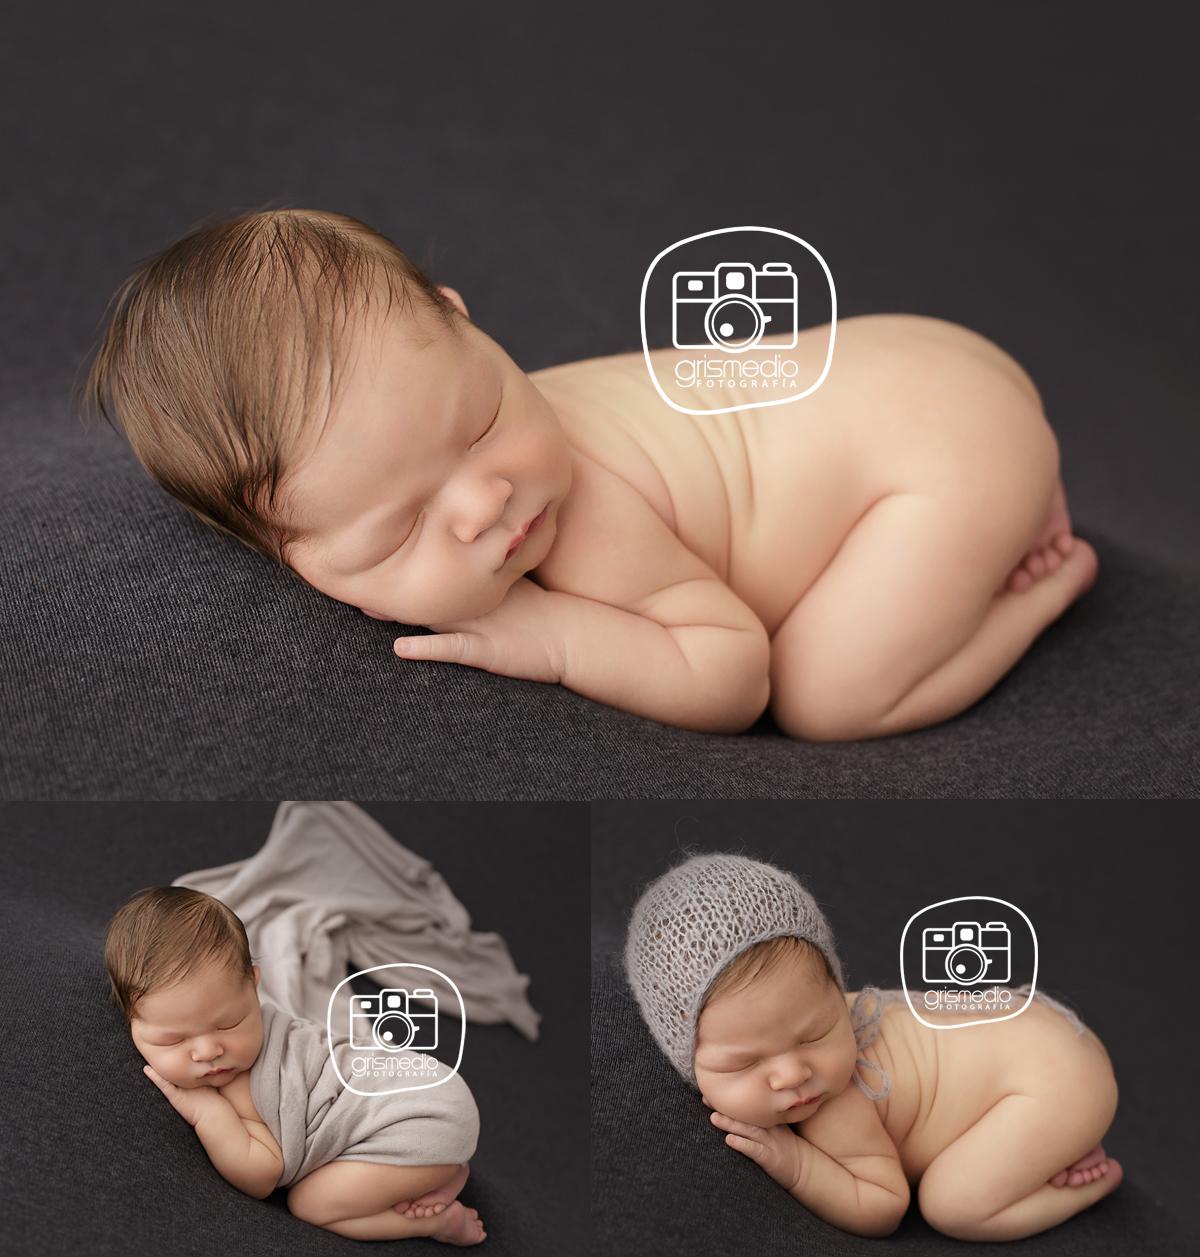 sesion-de-fotos-de-recien-nacido